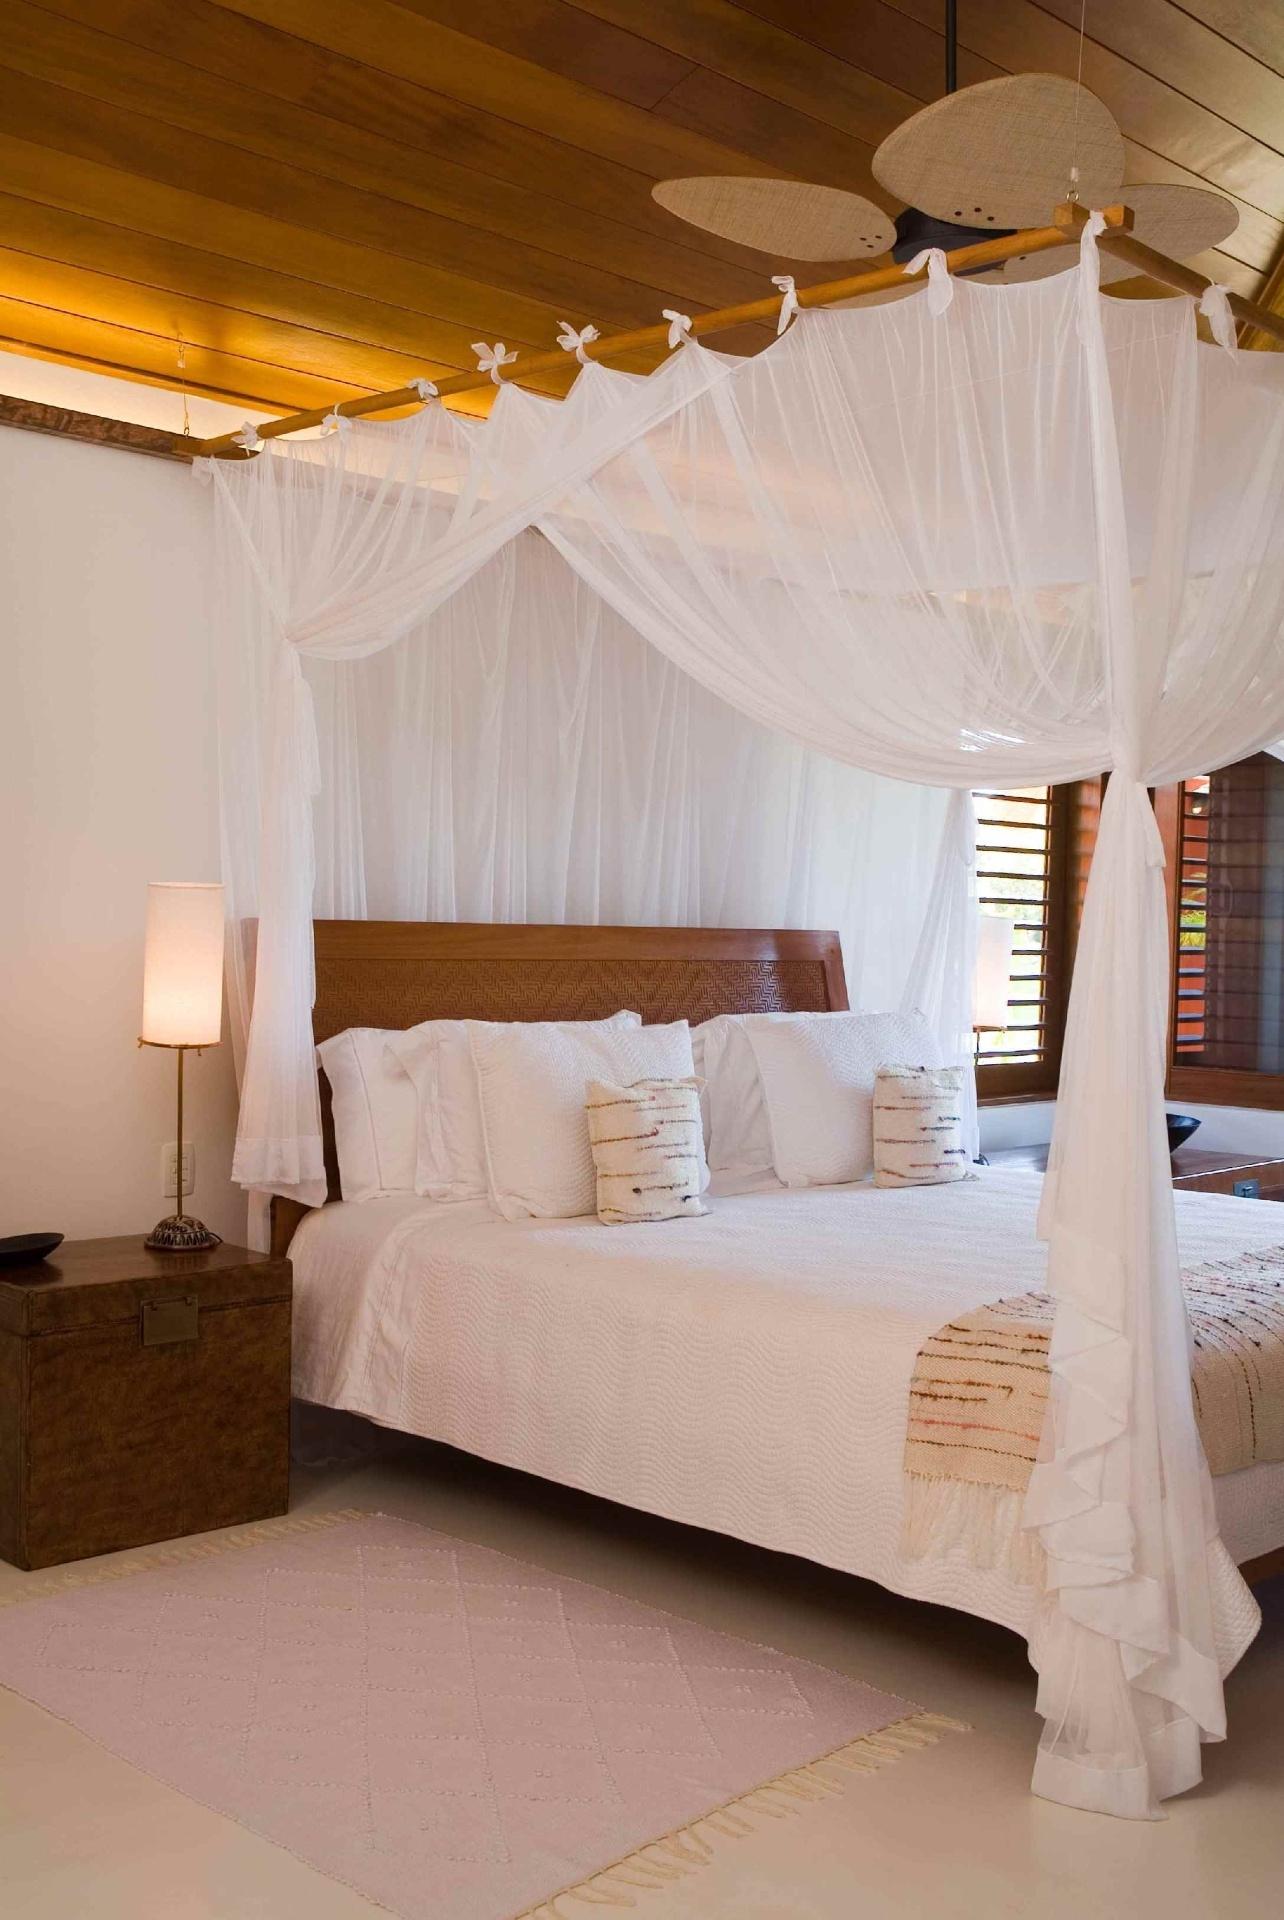 Na casa de veraneio projetada pelo arquiteto David Bastos, a cama com dossel integra o quarto do casal. Feito de cumaru, o dossel é recoberto por tule, tecido leve cuja trama tem minúsculas abertura que deixam passar o ar, mantendo o leito